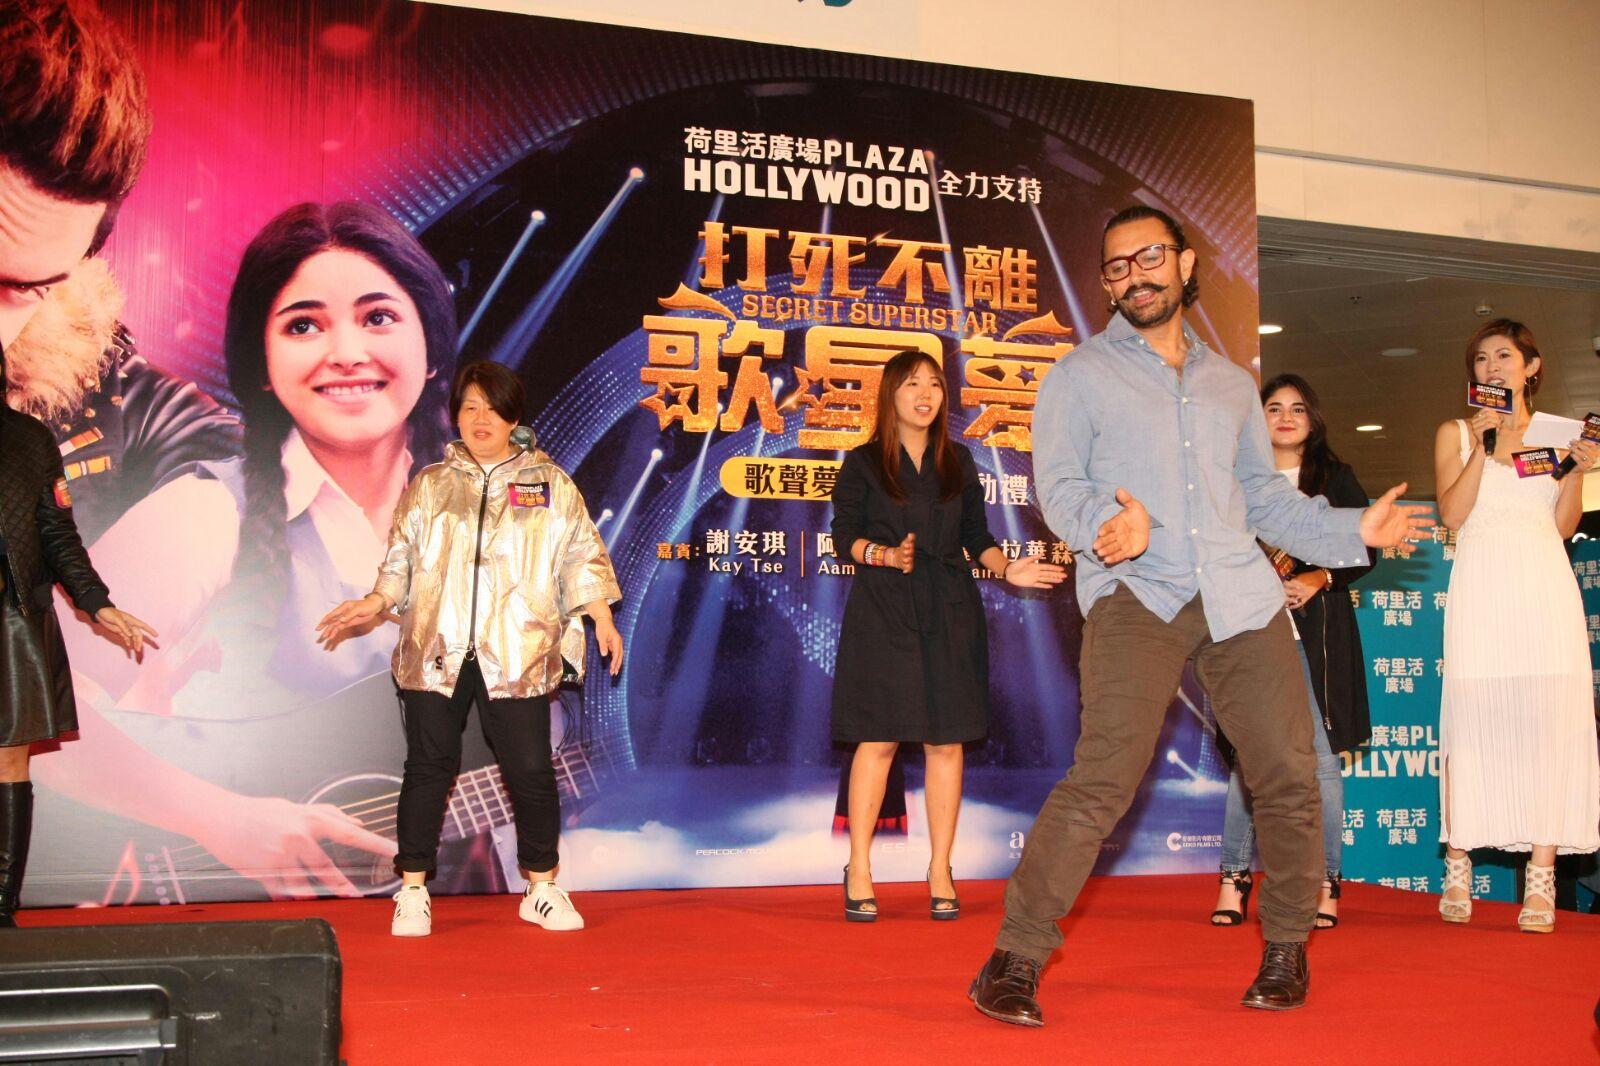 阿米爾汗和粉絲玩遊戲時,大跳Bollywood舞蹈。